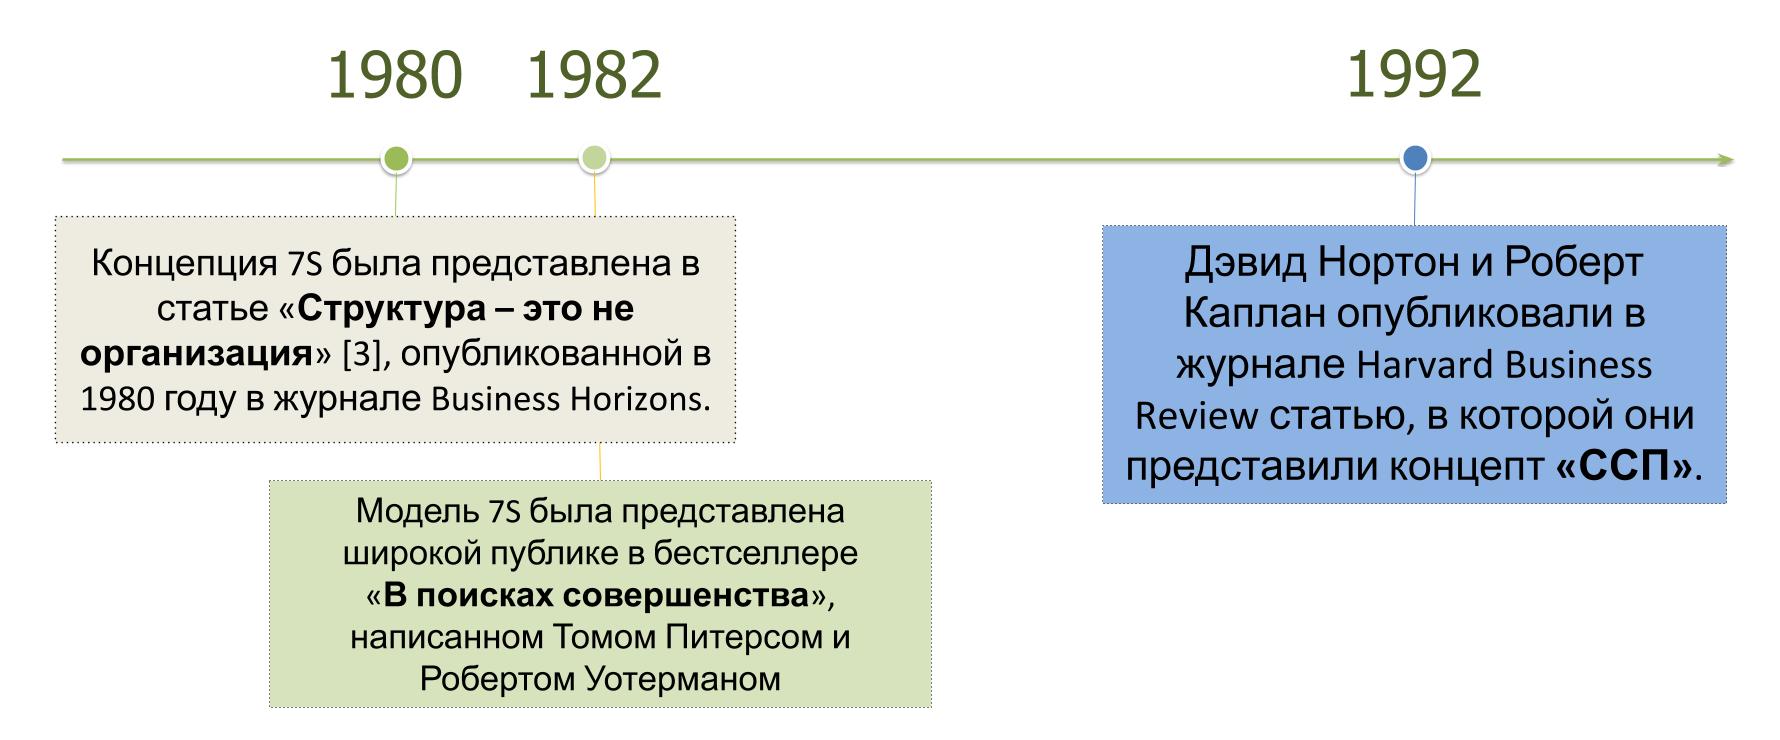 История развития модели 7S